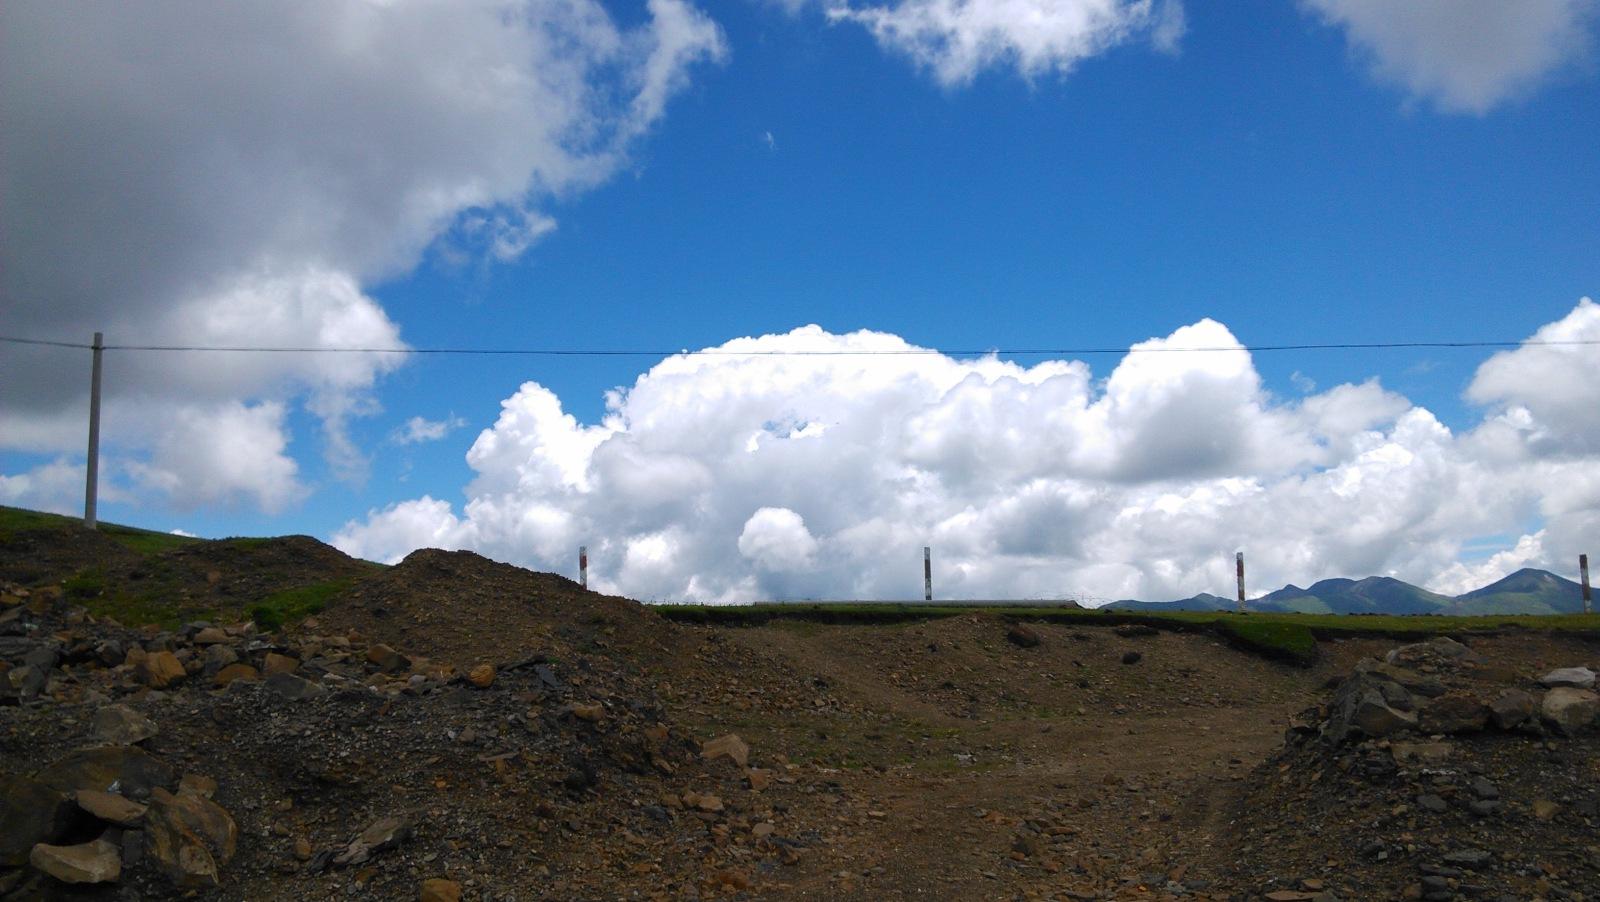 云也显得很雄壮